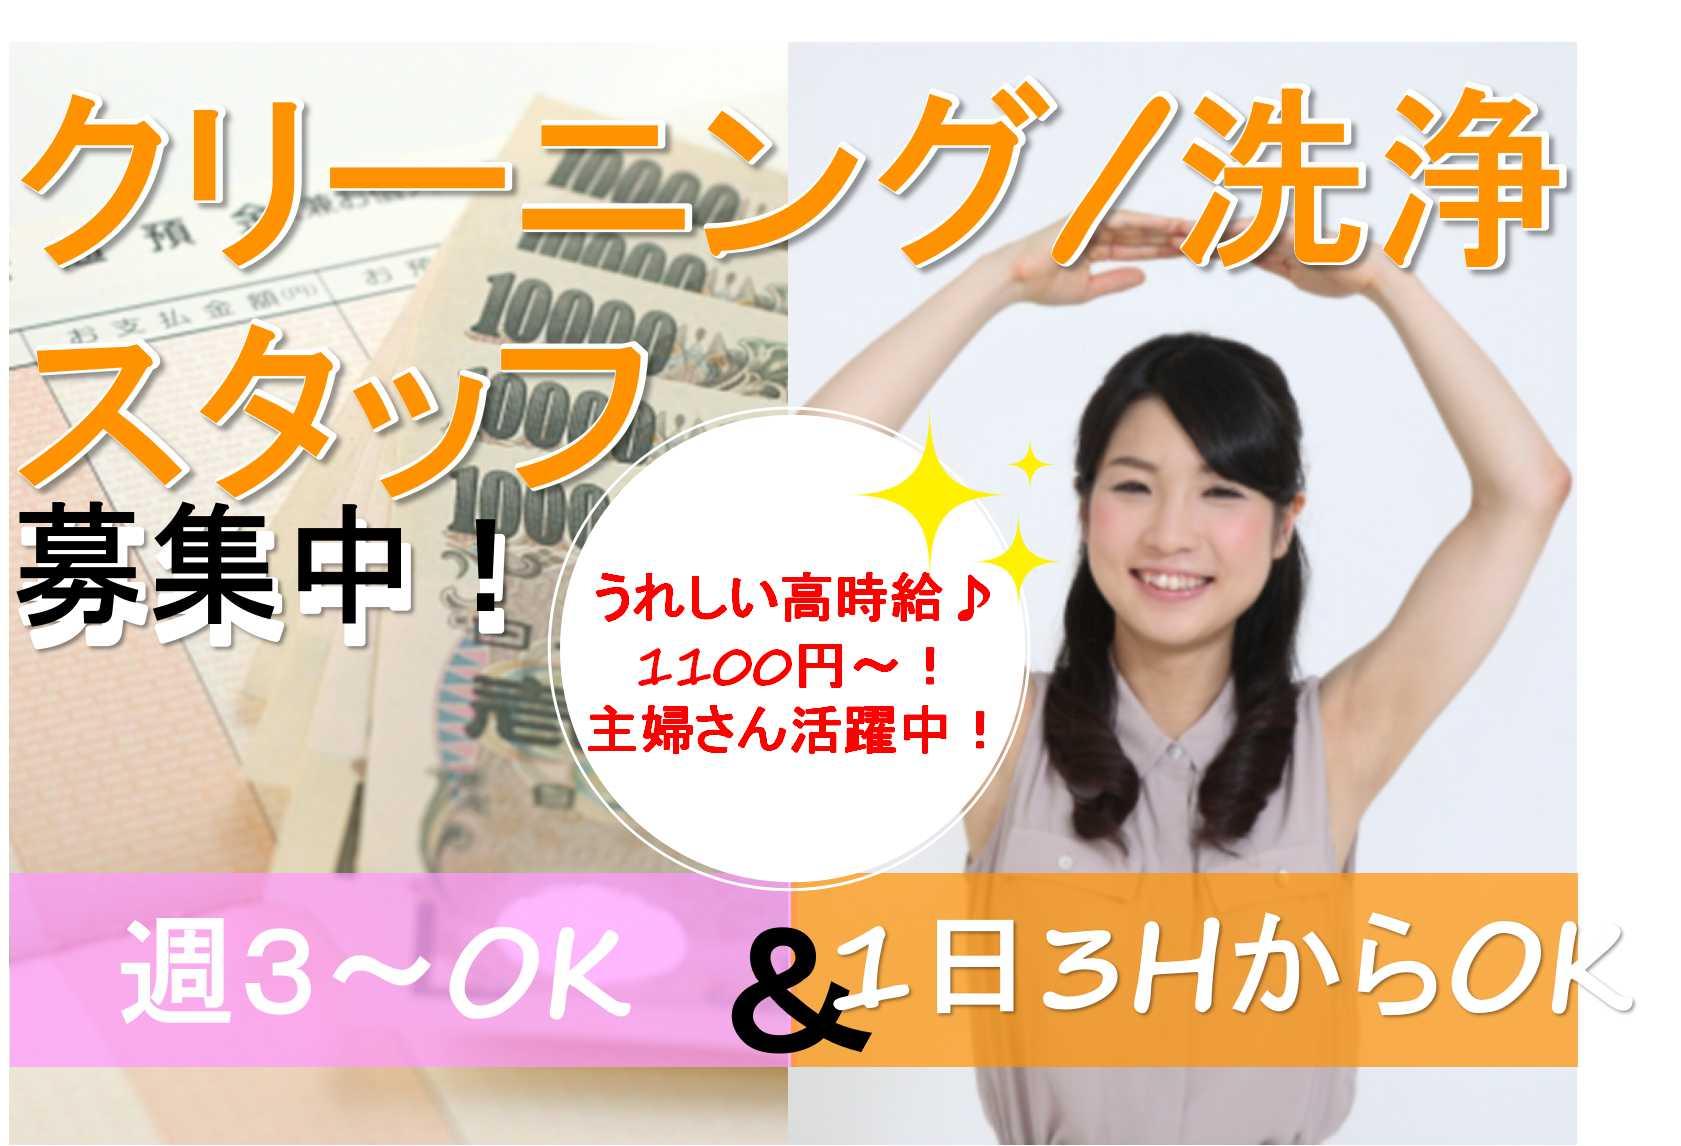 時給1100円♪1日3時間から勤務OK!クリーニング/洗浄スタッフ【即面談可能】 イメージ